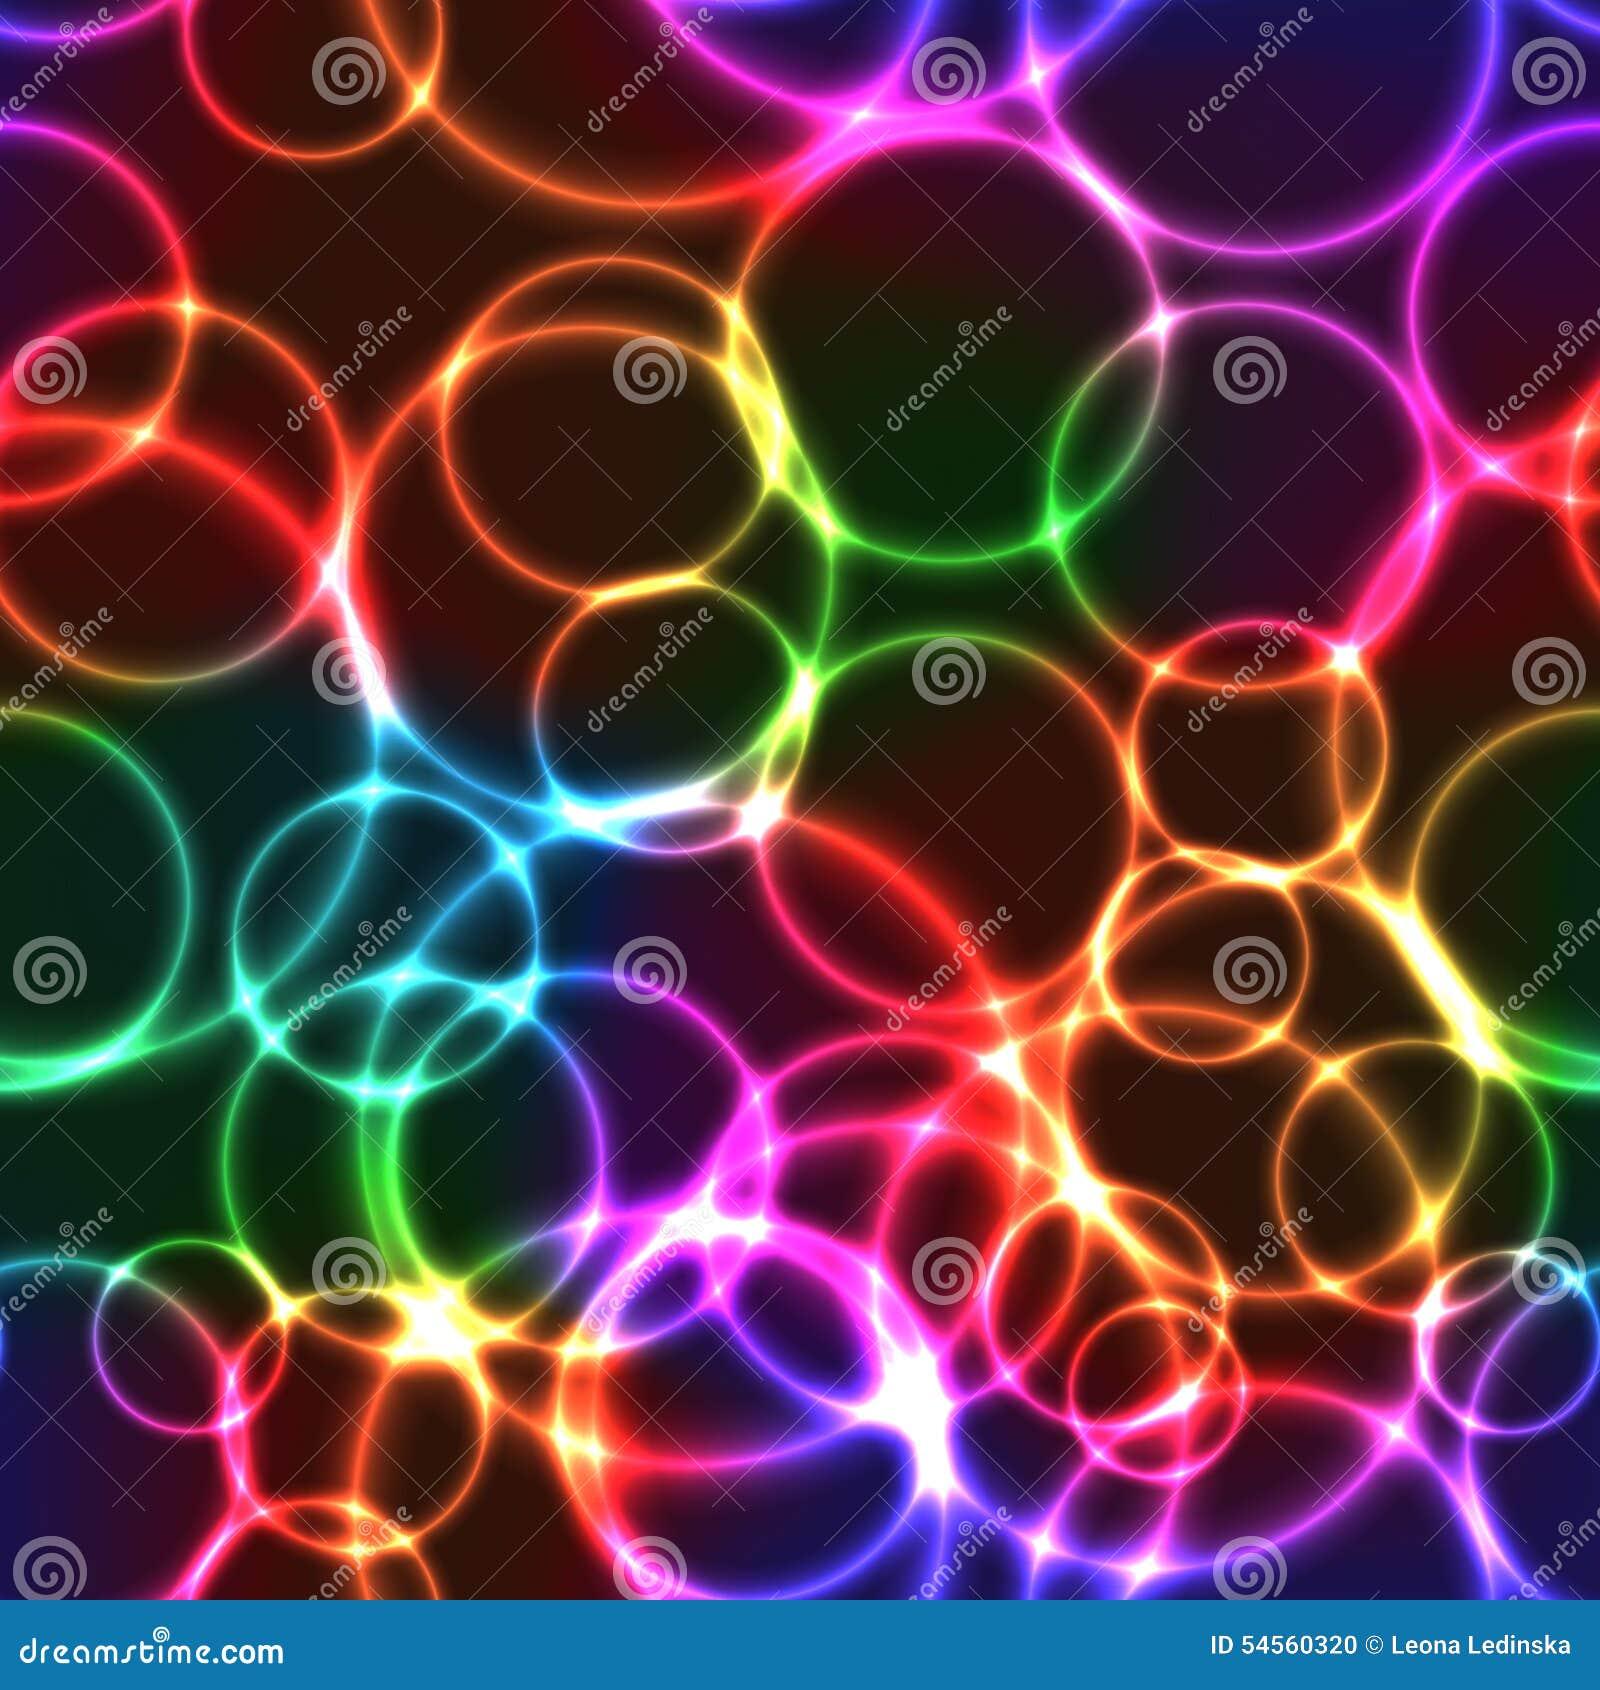 bolhas brilhantes da cor de n233on do arco237ris fundo sem